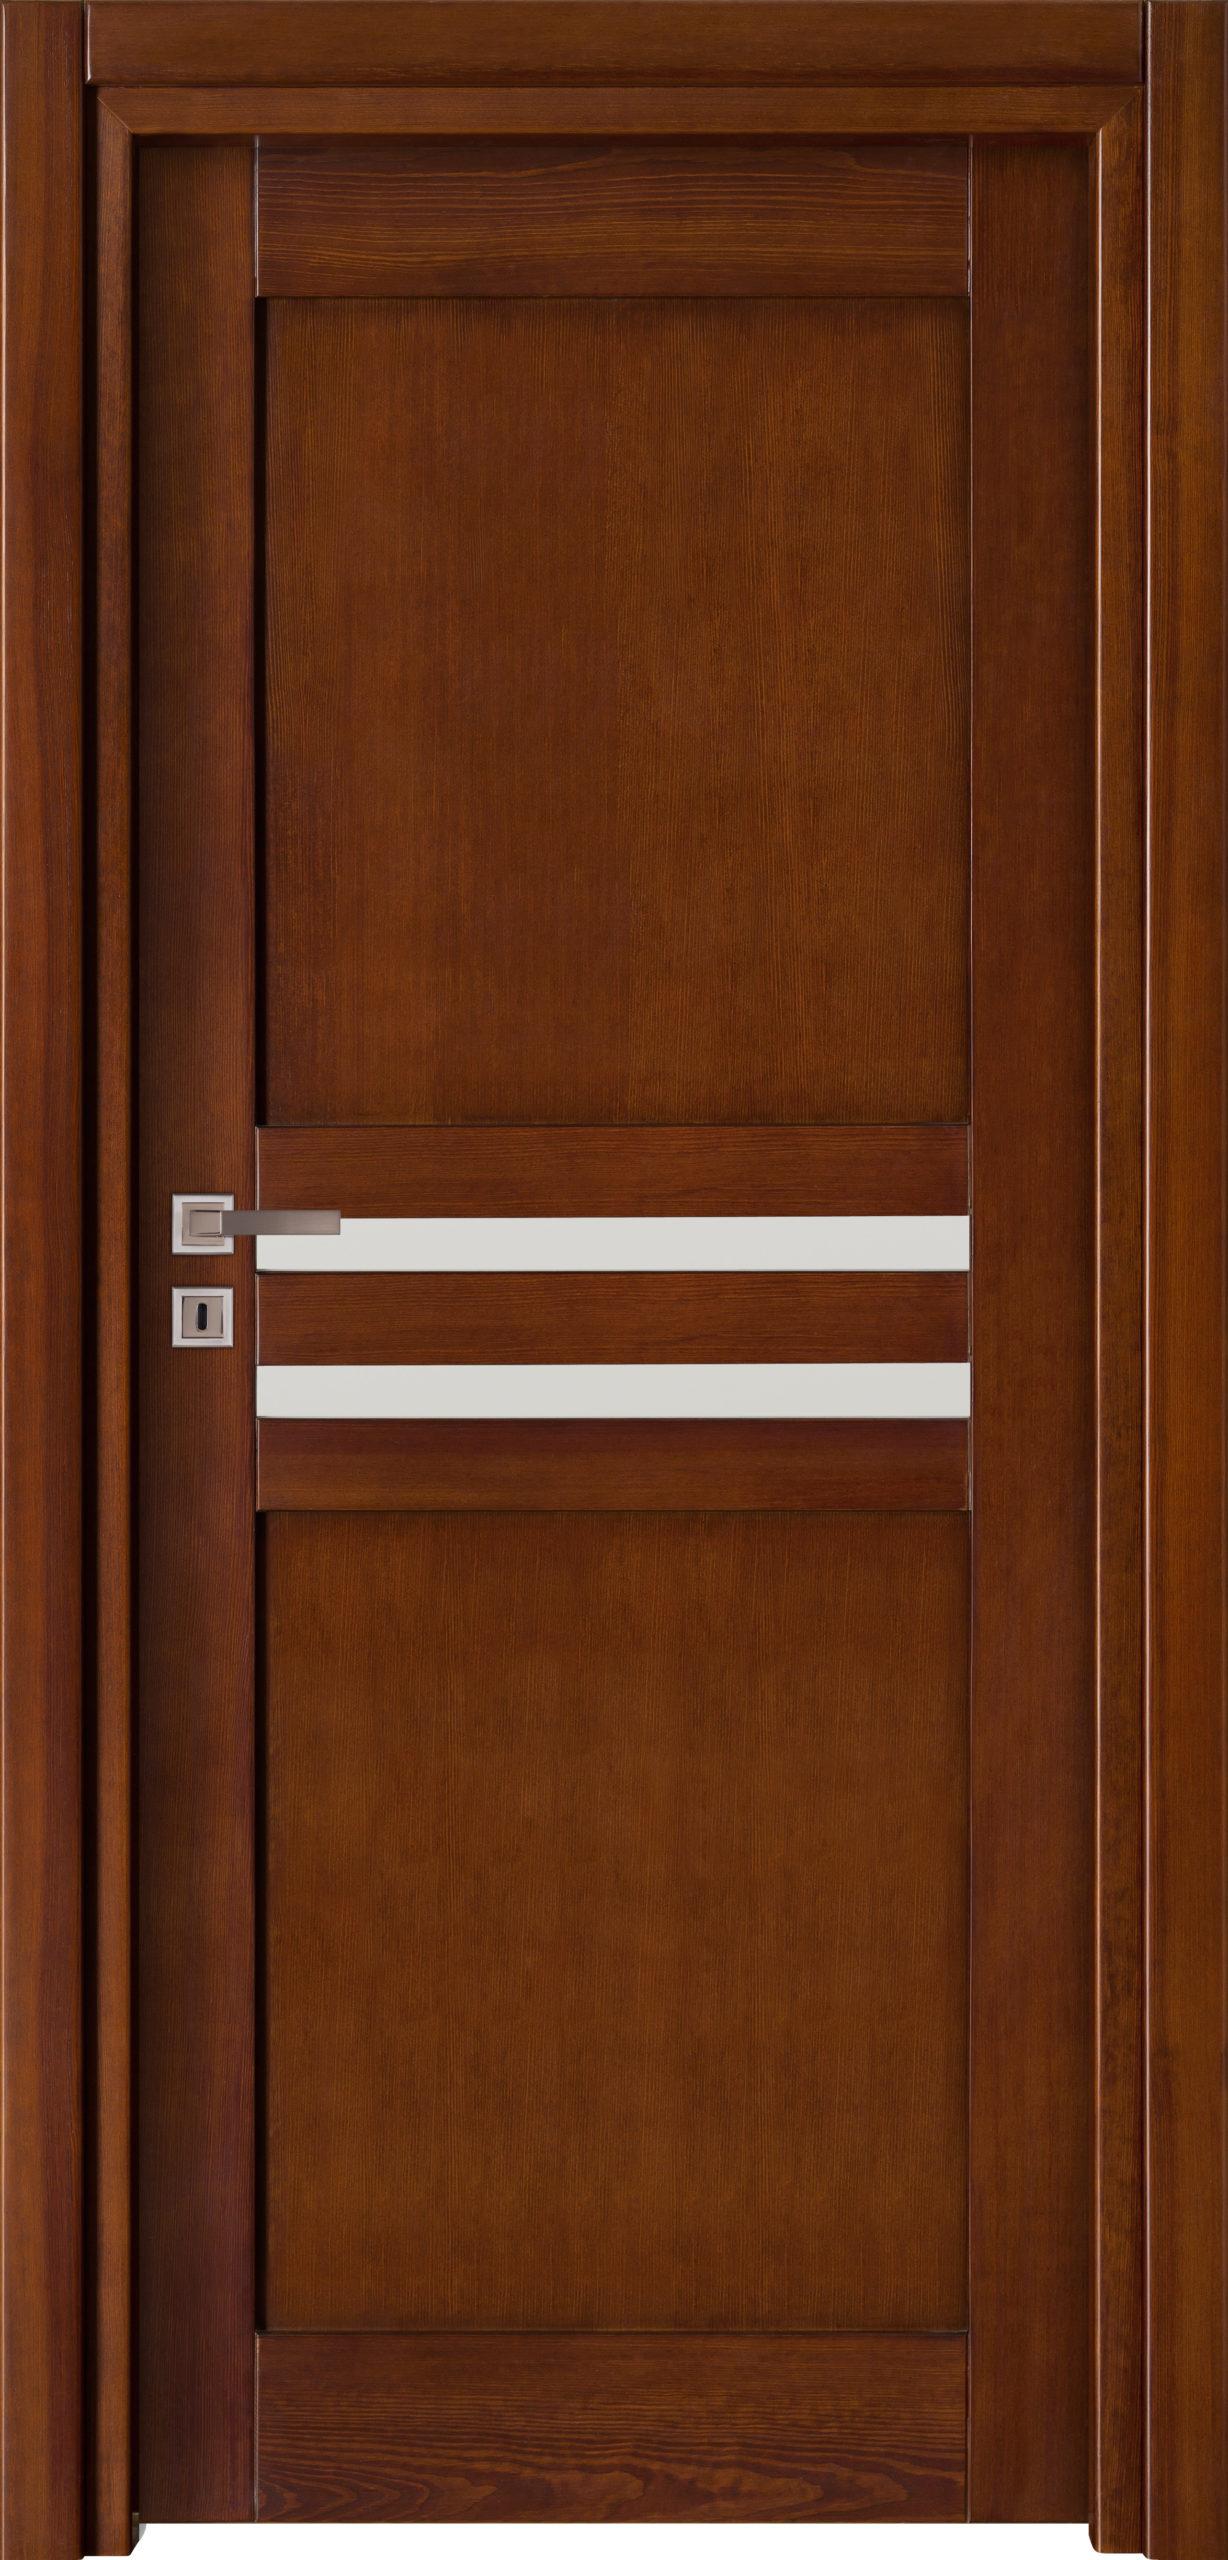 Tanger A2 - jesion - ciemny calvados - szklenie lacomat bezpieczny - ościeżnica przylgowa regulowana drewniana prosta (IIa)